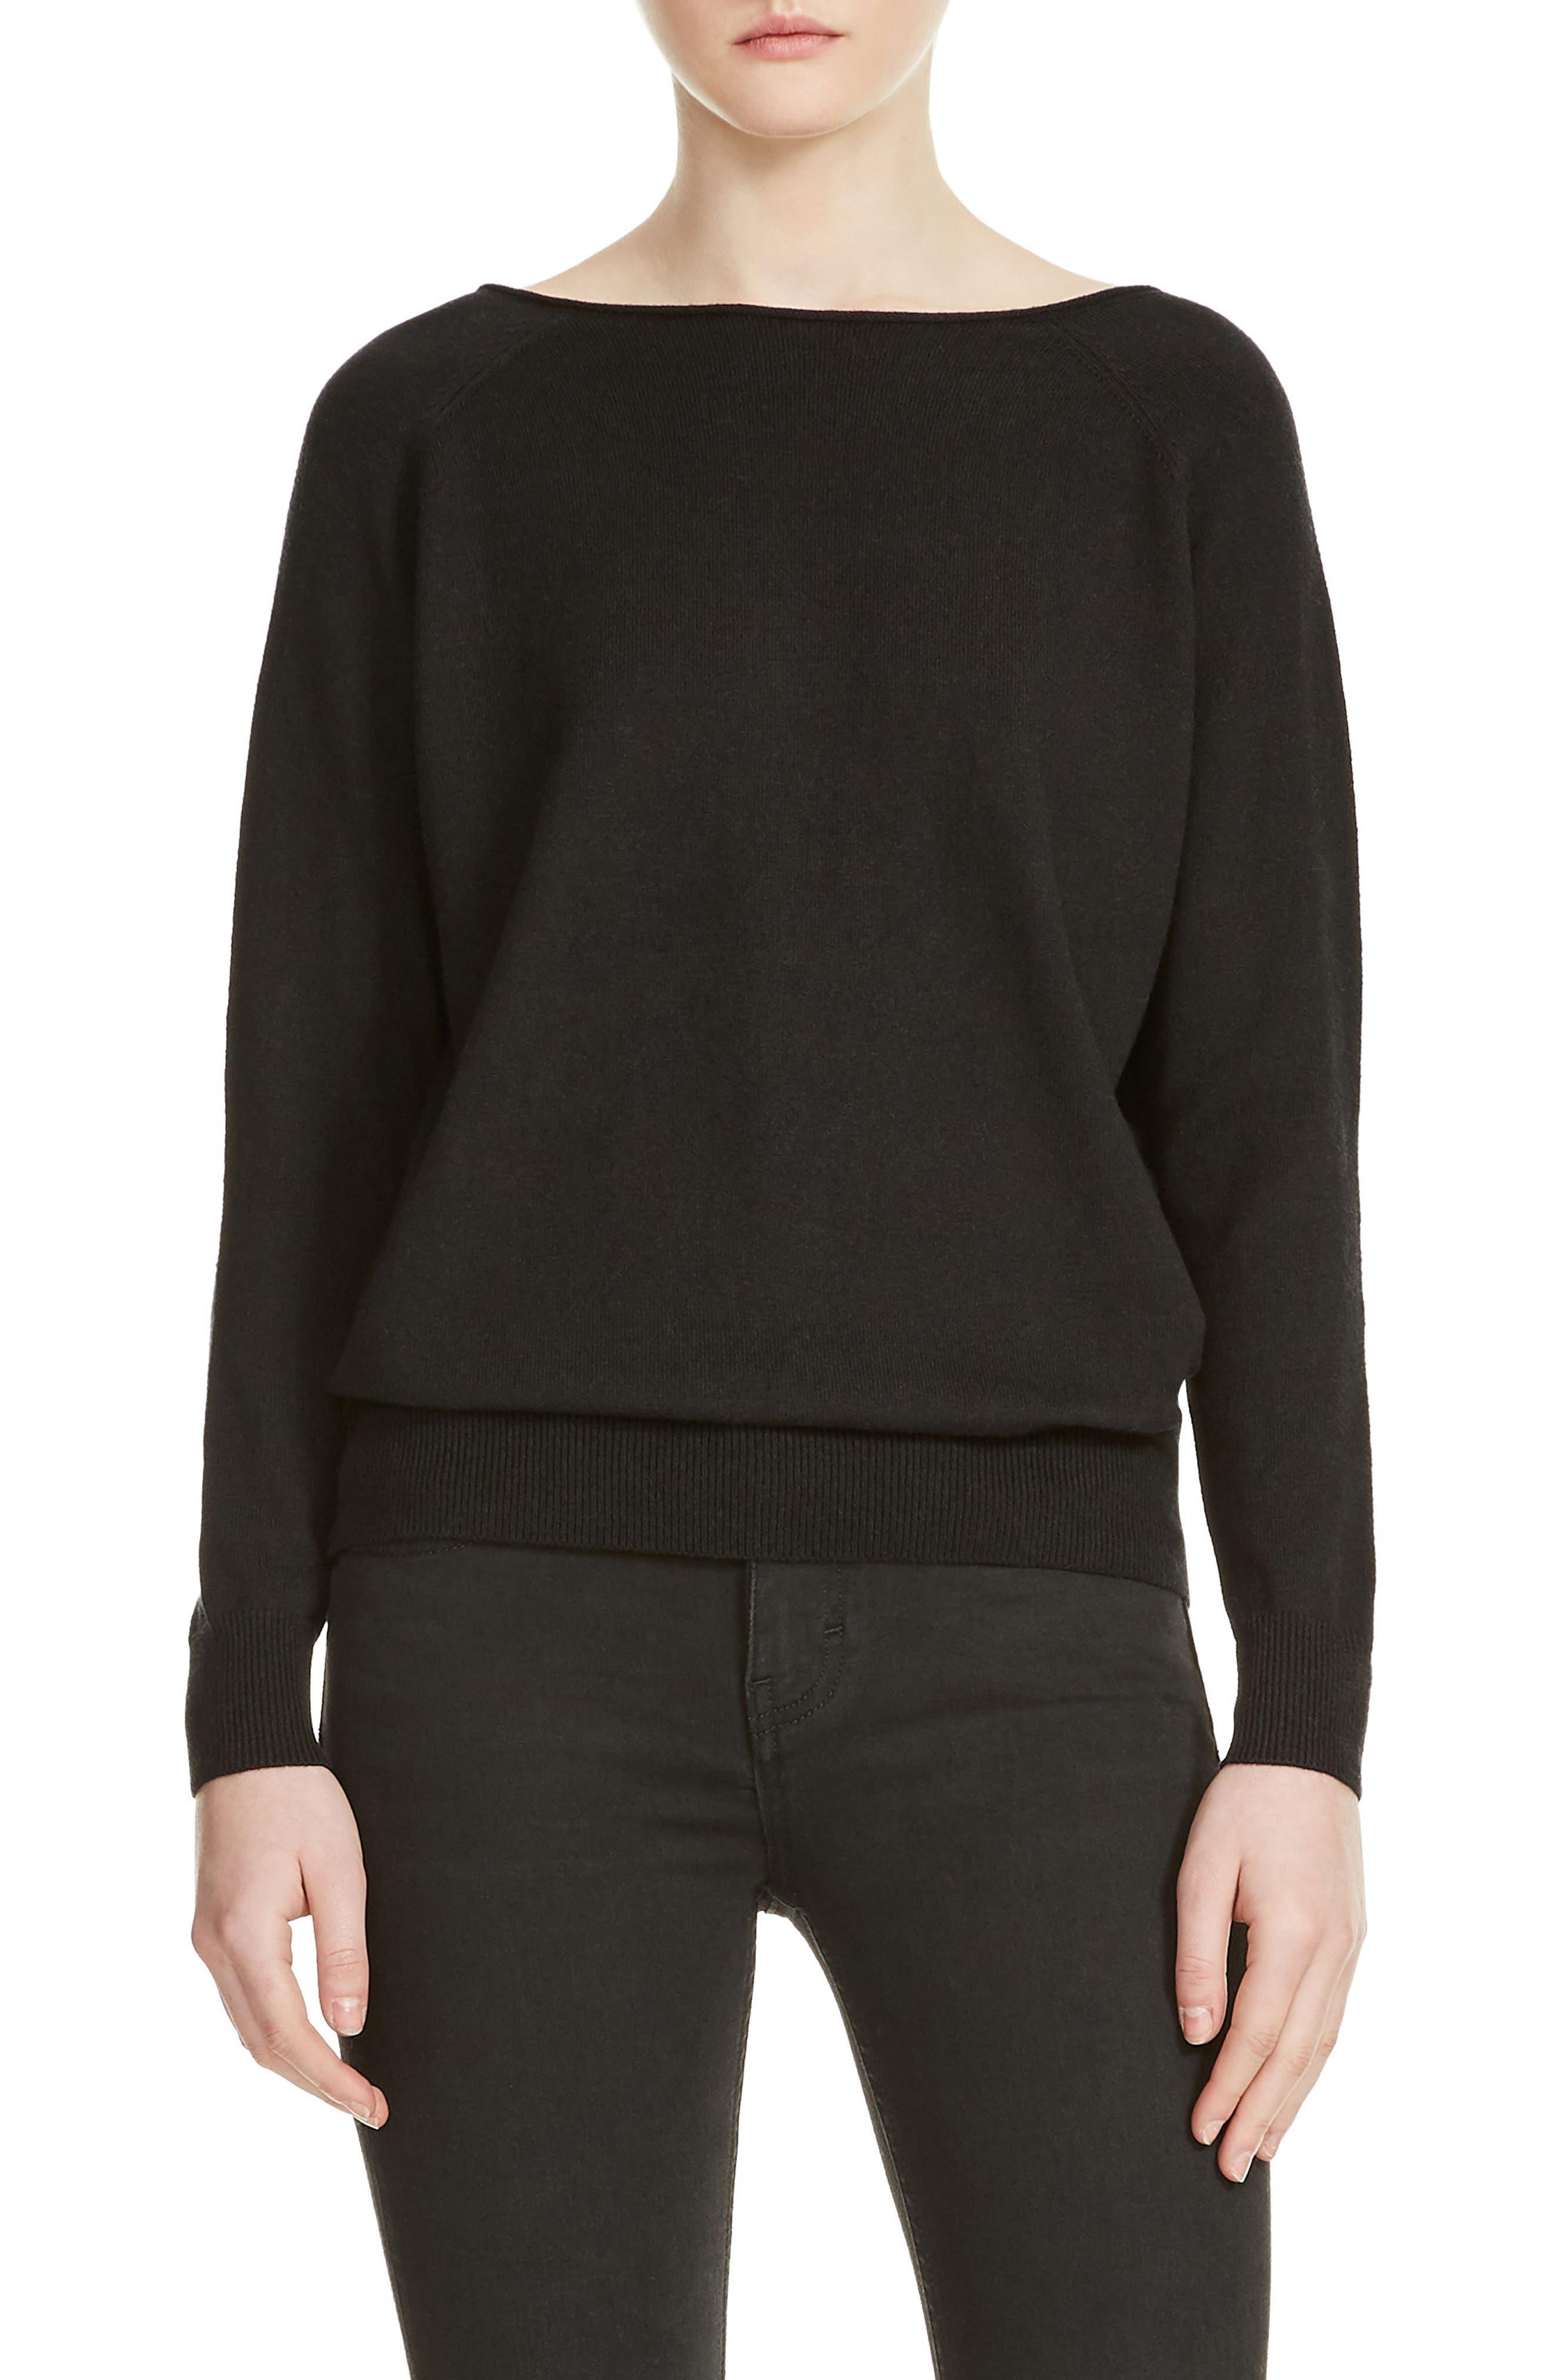 maje Macademia Chain Back Sweater